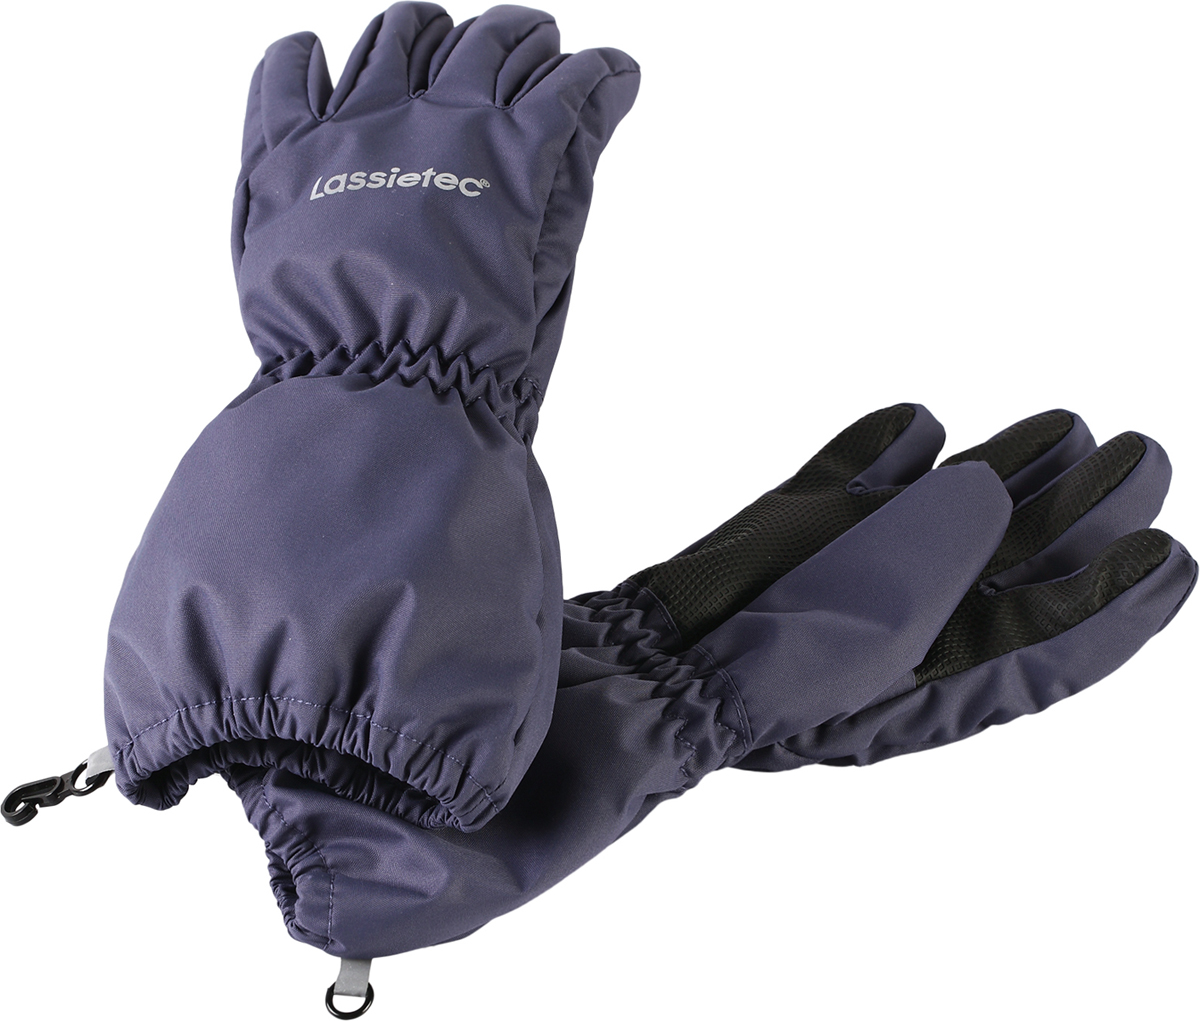 Перчатки детские Lassie, цвет: темно-синий. 7277069630. Размер 37277069630Дышащие детские перчатки изготовлены из очень износостойкого и абсолютно водонепроницаемого материала. В них предусмотрена водонепроницаемая мембрана и трикотажная подкладка из полиэстера с начесом. Усиления на ладони, кончиках пальцев и на большом пальце позволяют крепко держать в руках разные сокровища, найденные во время весенних приключений на природе, а еще хорошо согревают ручки. Сверху снабжены светоотражающим элементом.